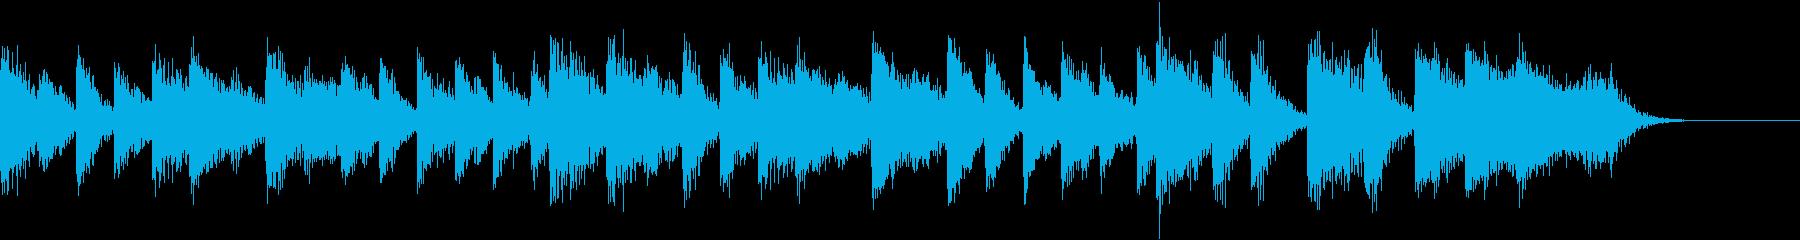 サンバリズムの軽快な常夏のピアノジングルの再生済みの波形